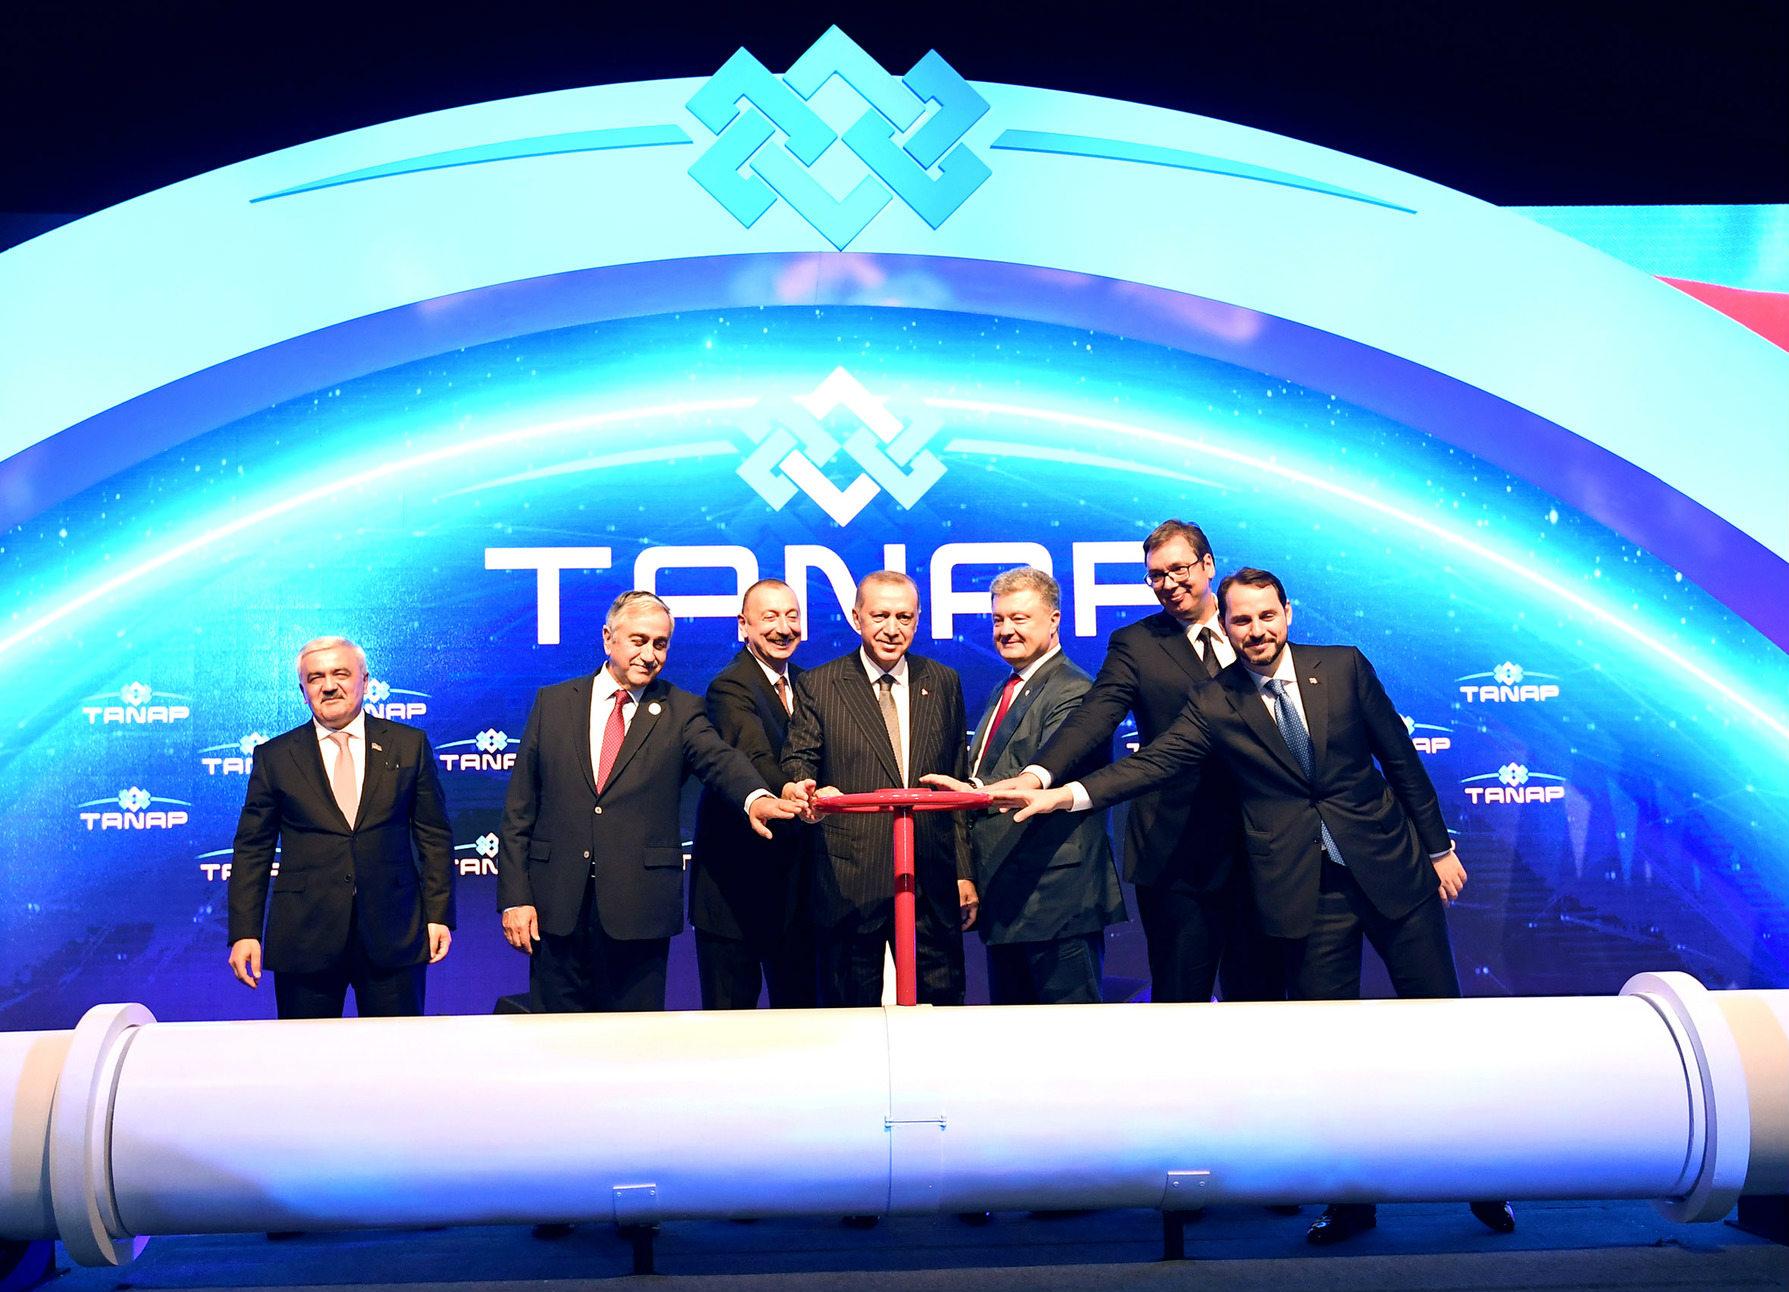 İlham Əliyev  TANAP layihəsinin açılış mərasimində iştirak edib